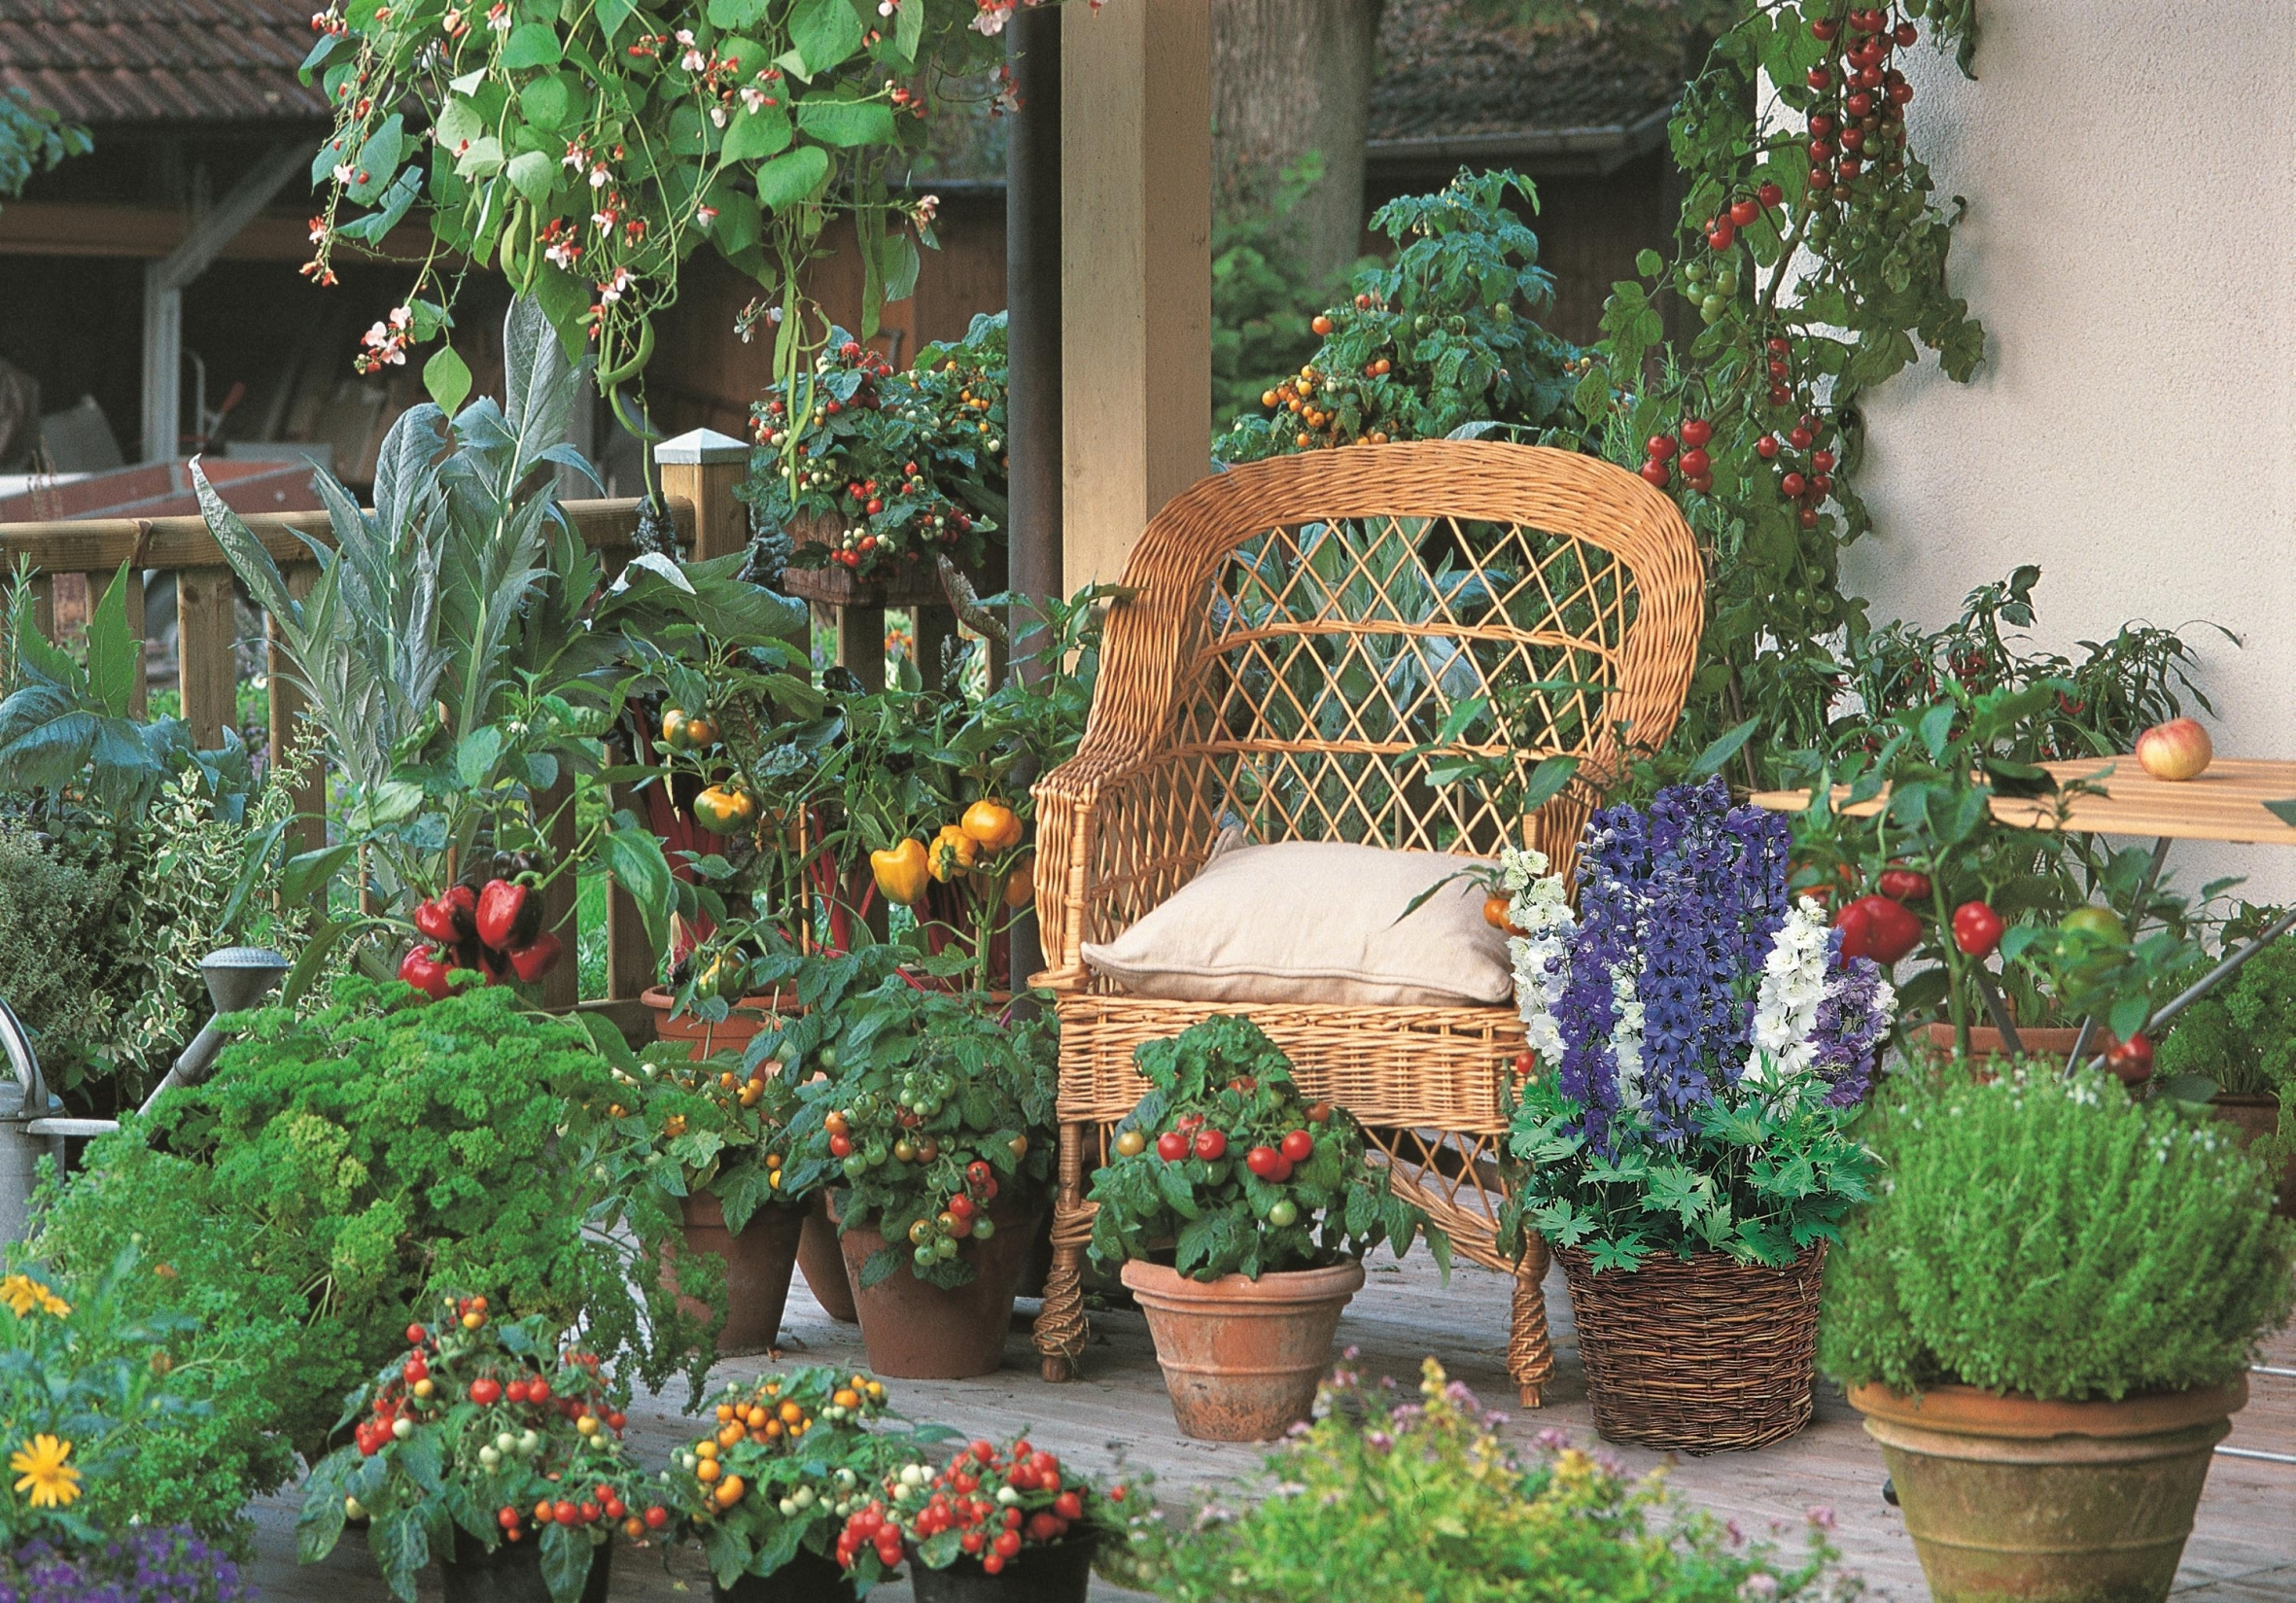 Naschen erwünscht: Obst und Gemüse passen zu Beet- und Balkonpflanzen